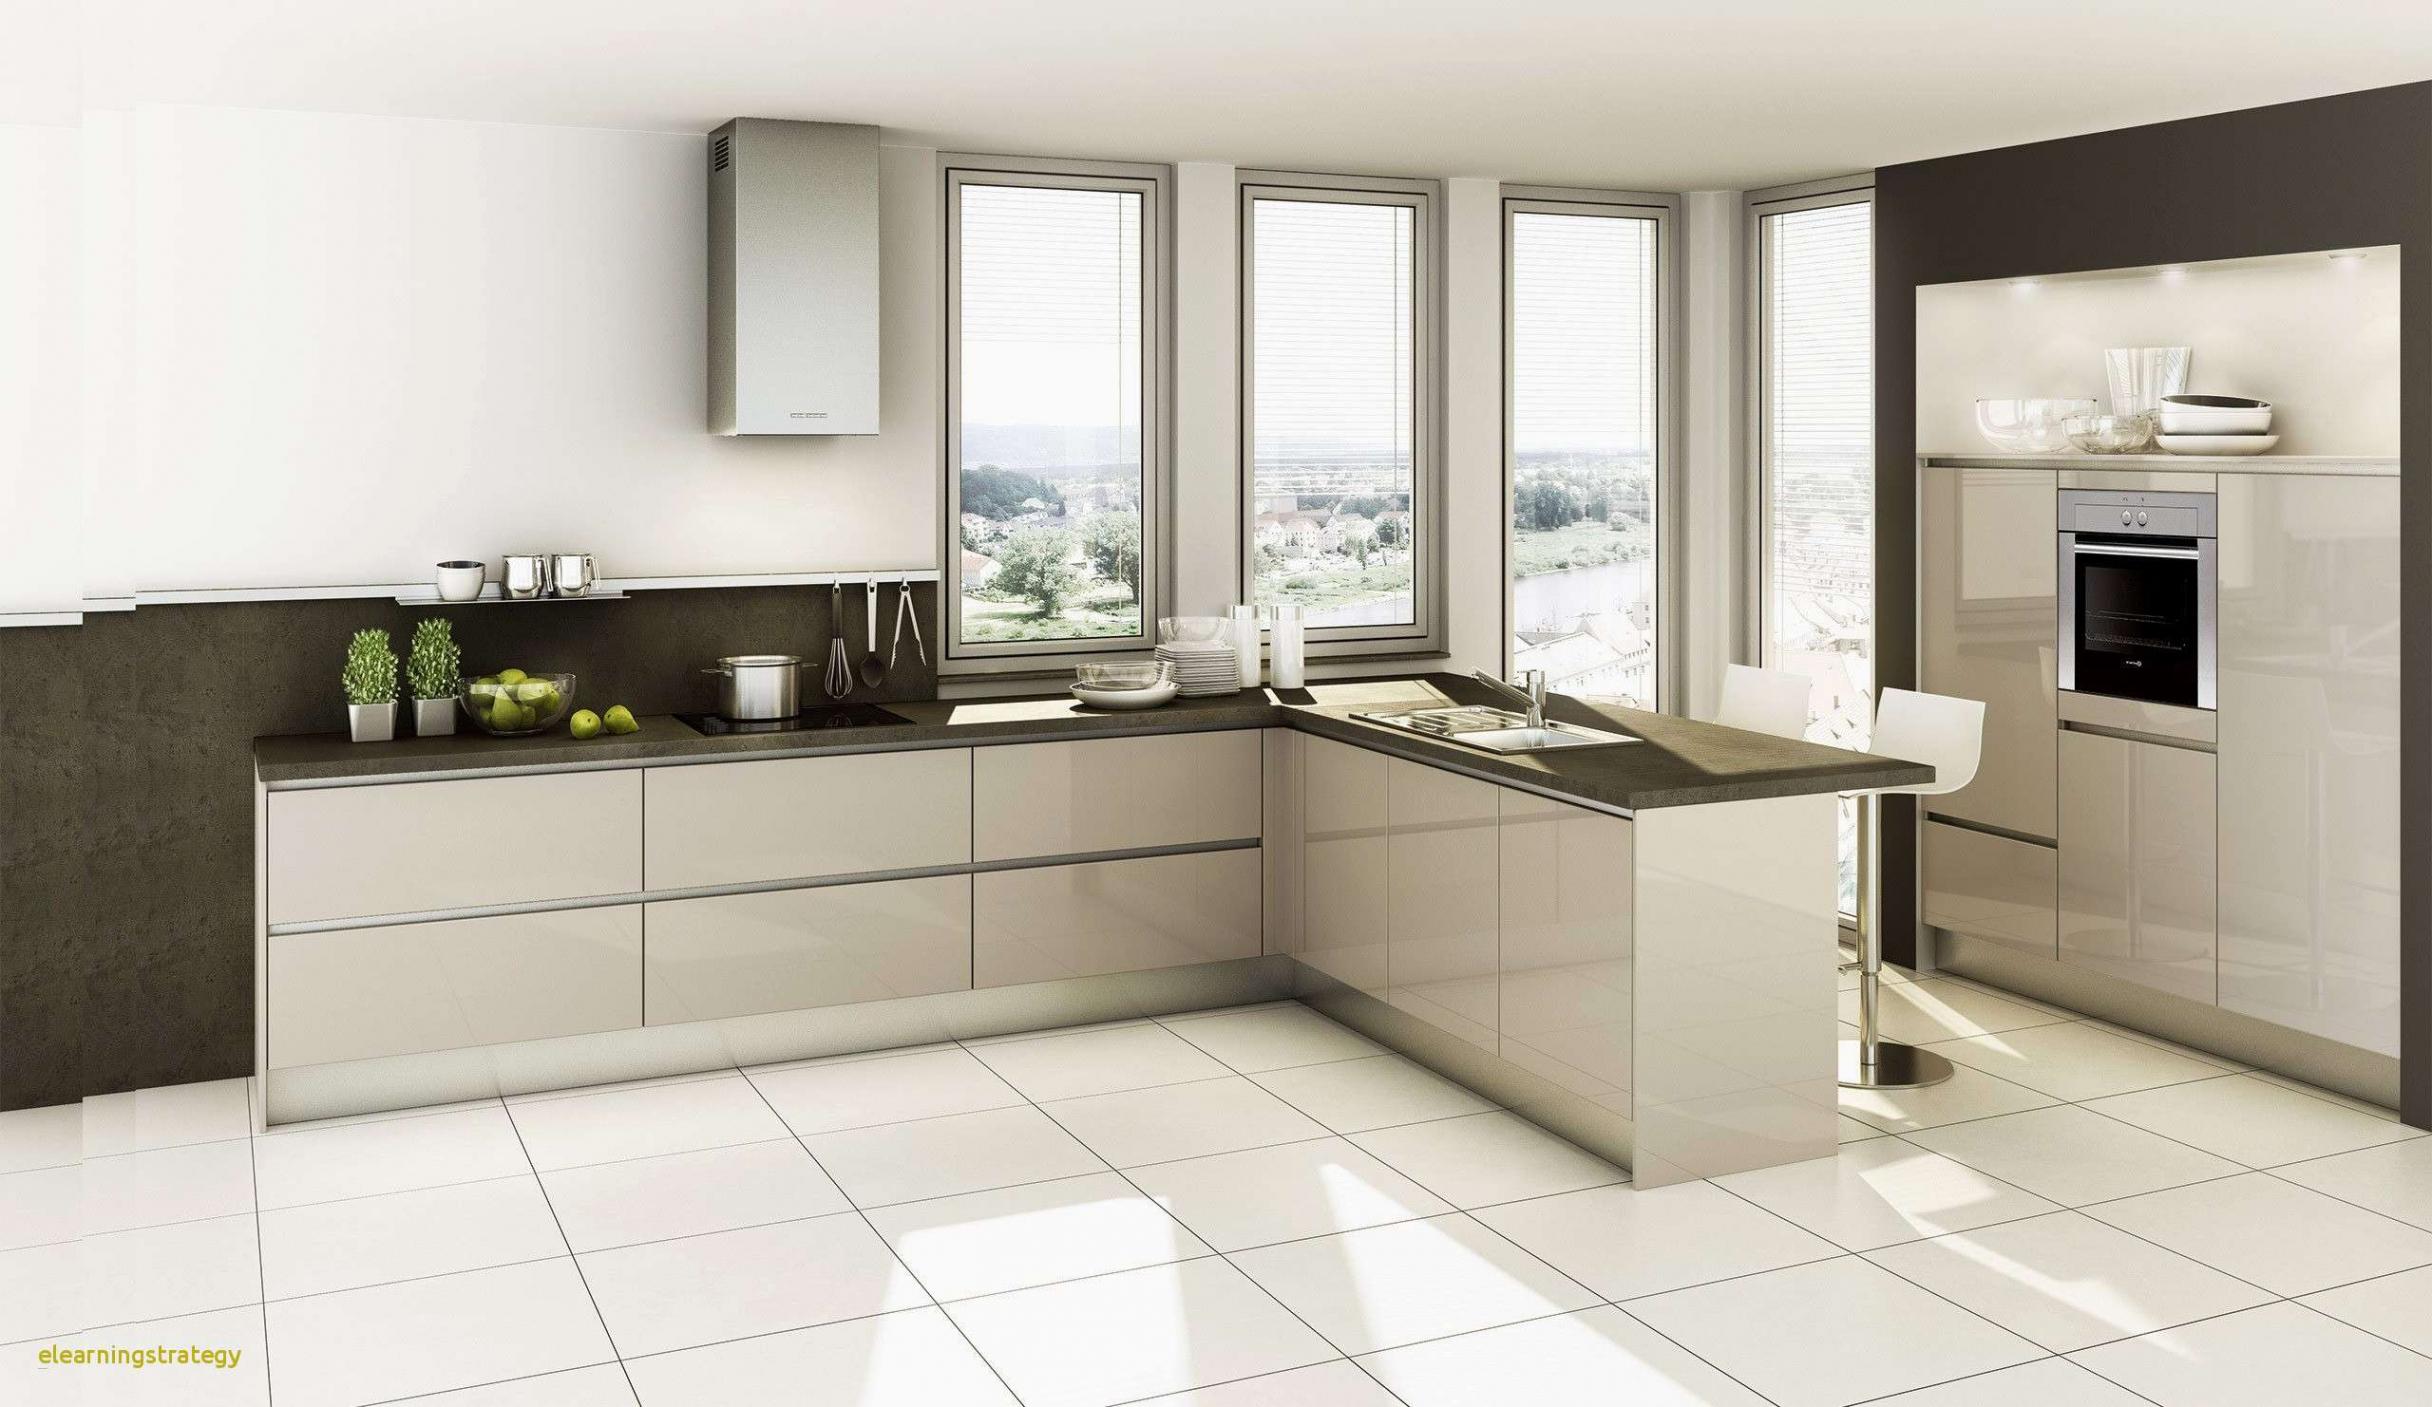 45 luxus deko ideen kuche galerie kleine kuche ideen kleine kuche ideen 4